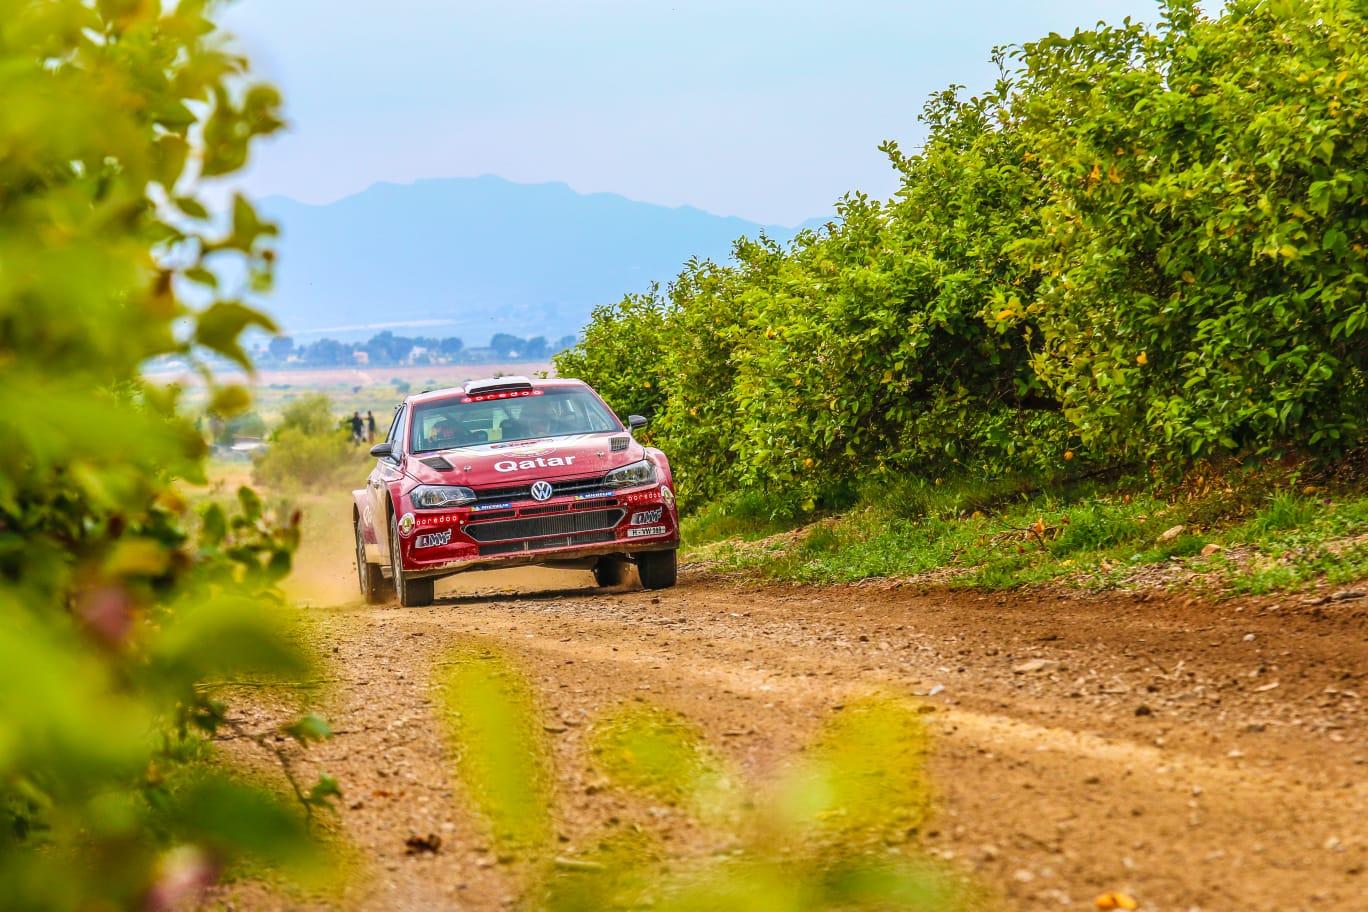 SCER + CERT: 10º Rallye Tierras Altas de Lorca [23-24 Abril] - Página 2 EzrNlgMXsAEH2KU?format=jpg&name=large